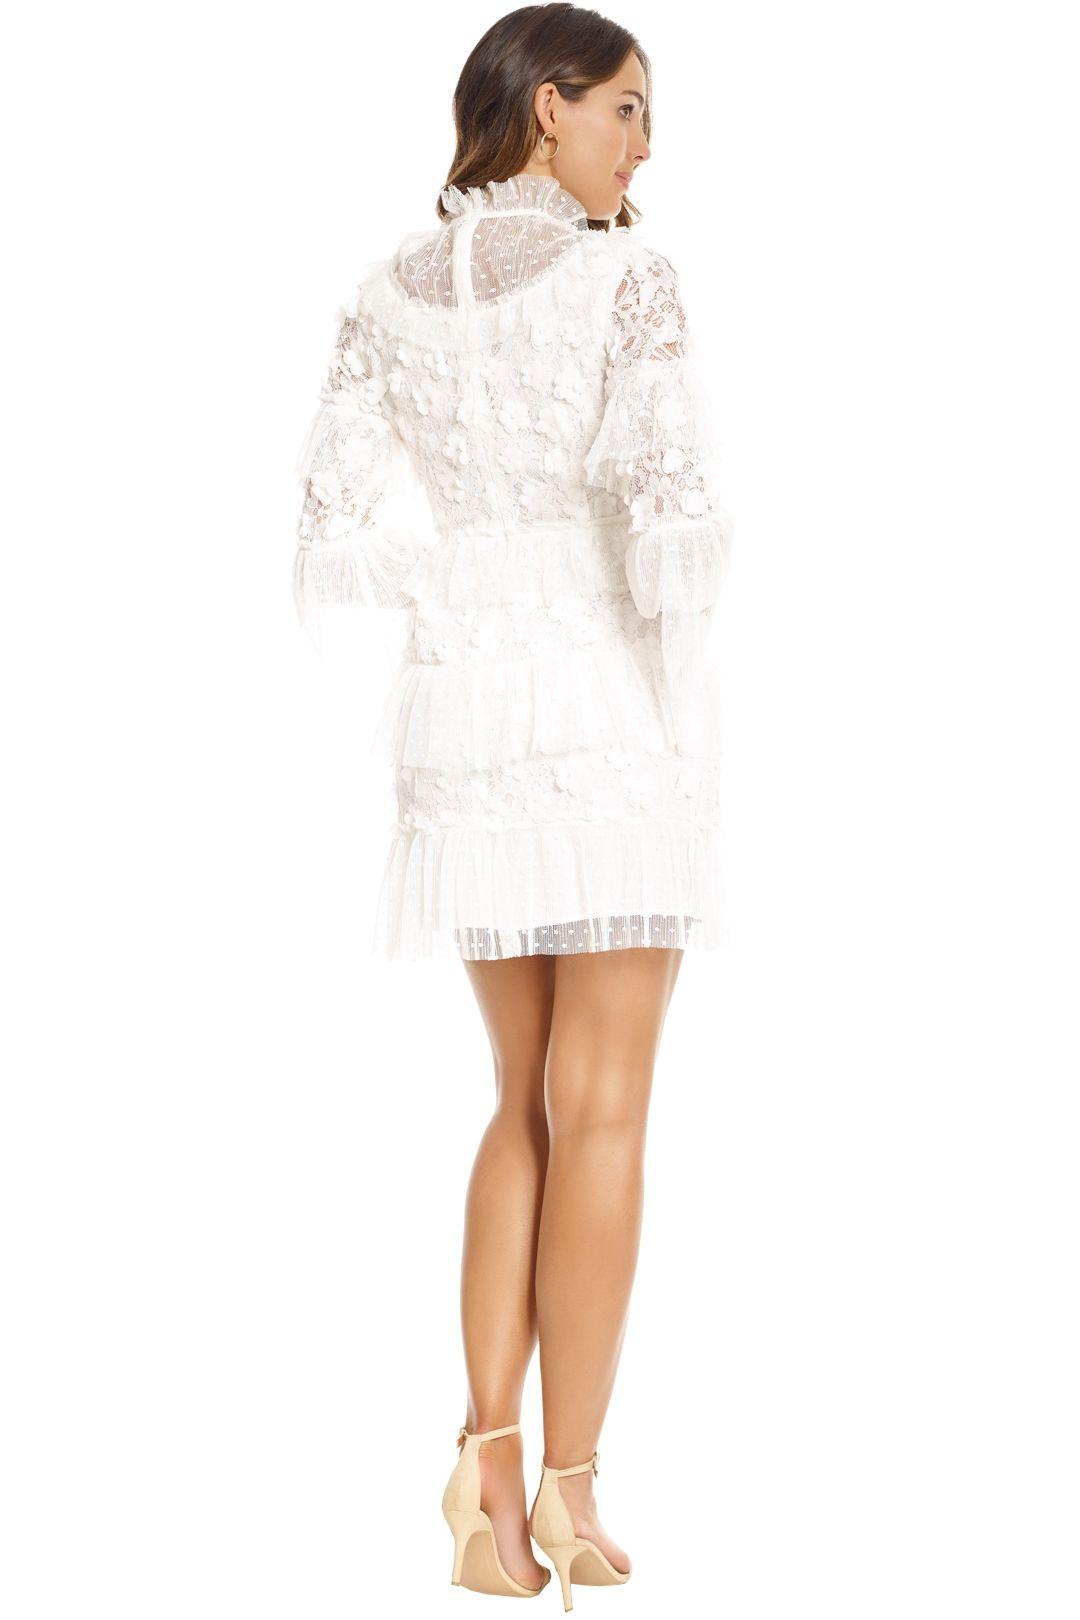 Elliatt - Titania Dress - White - Back